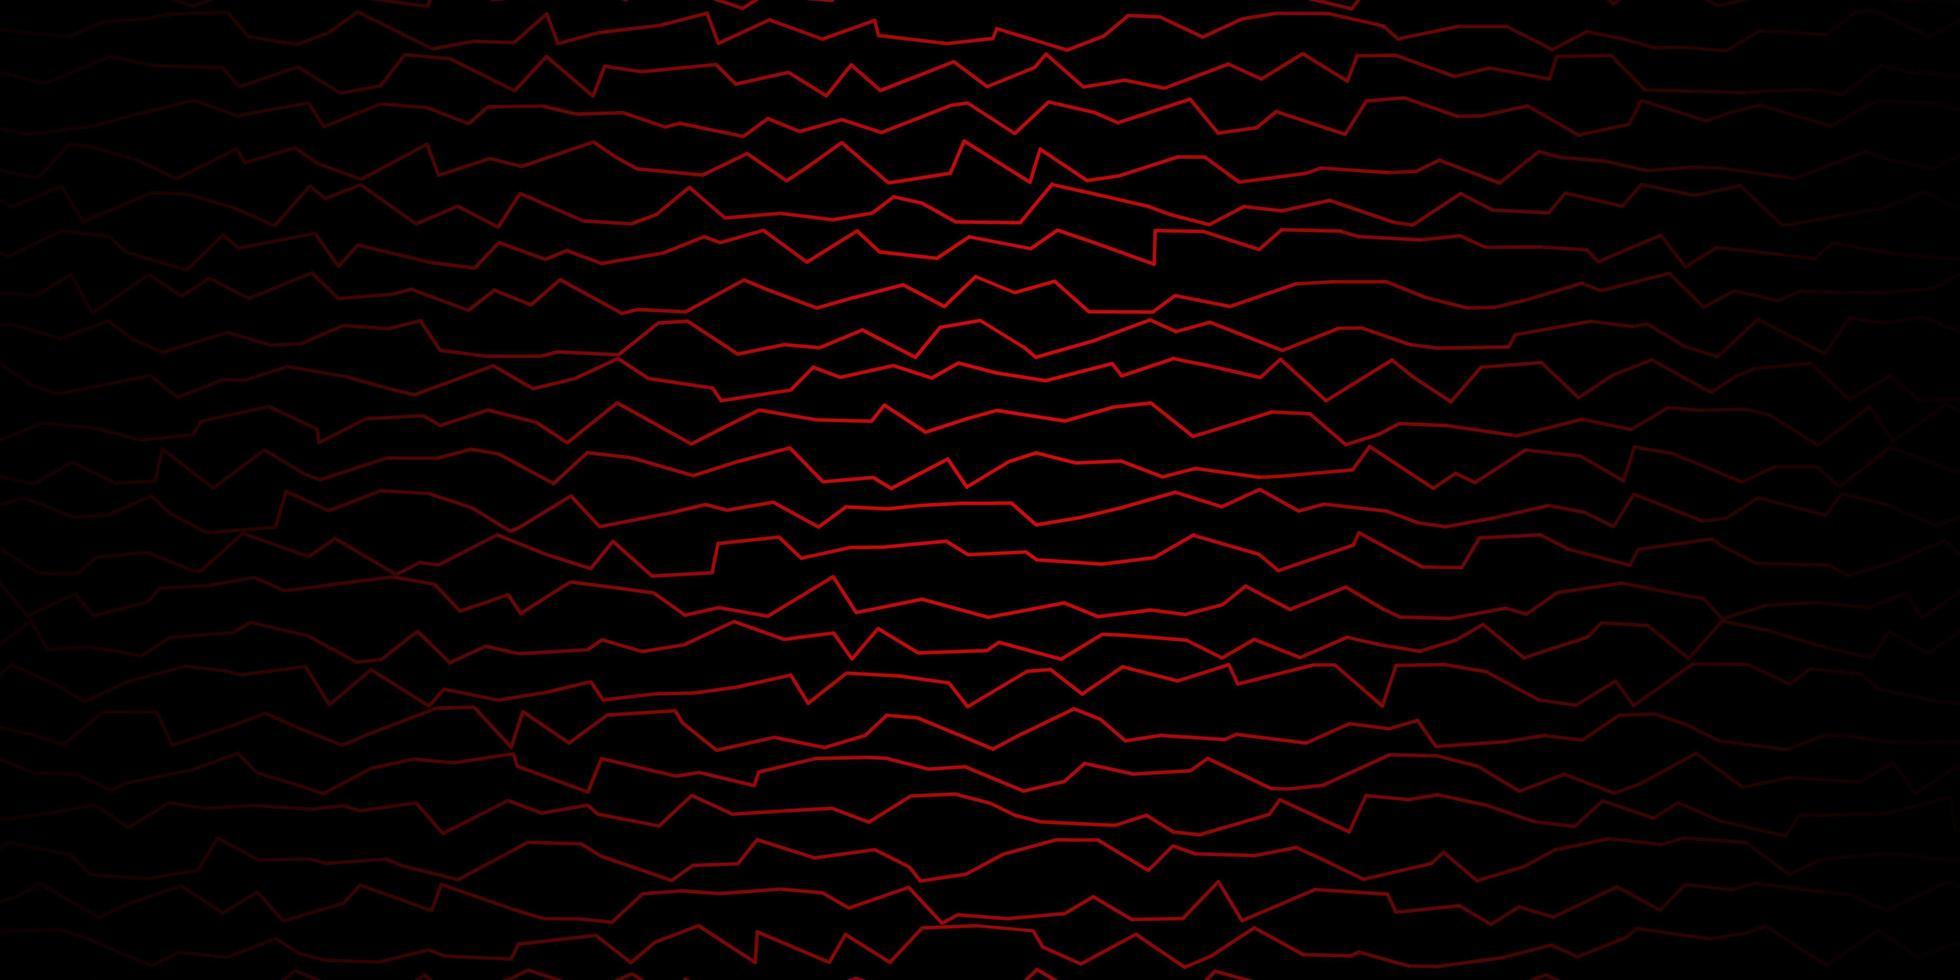 plantilla de vector rojo oscuro con líneas.